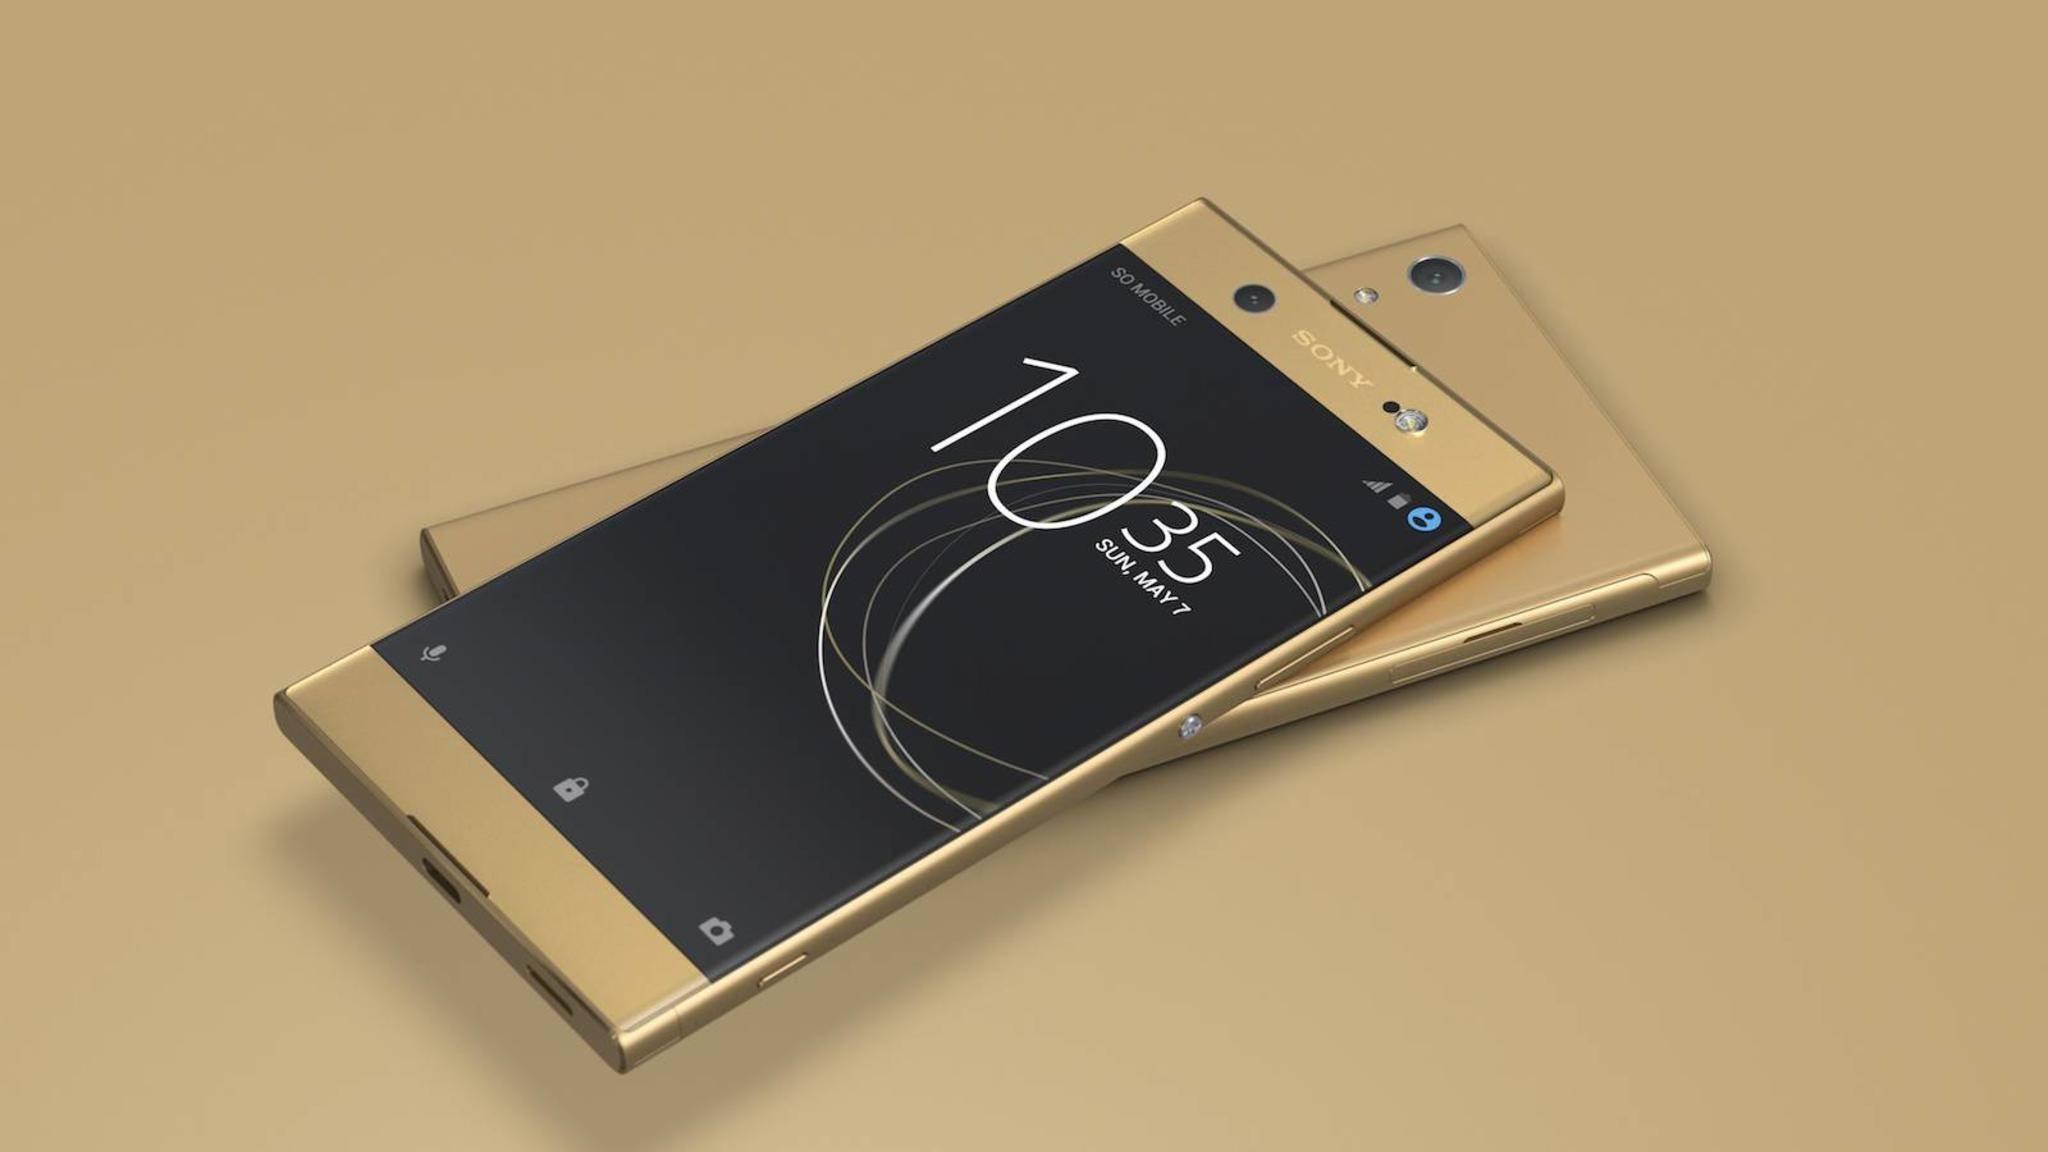 Das Sony Xperia XA1 soll am 10. April erscheinen.